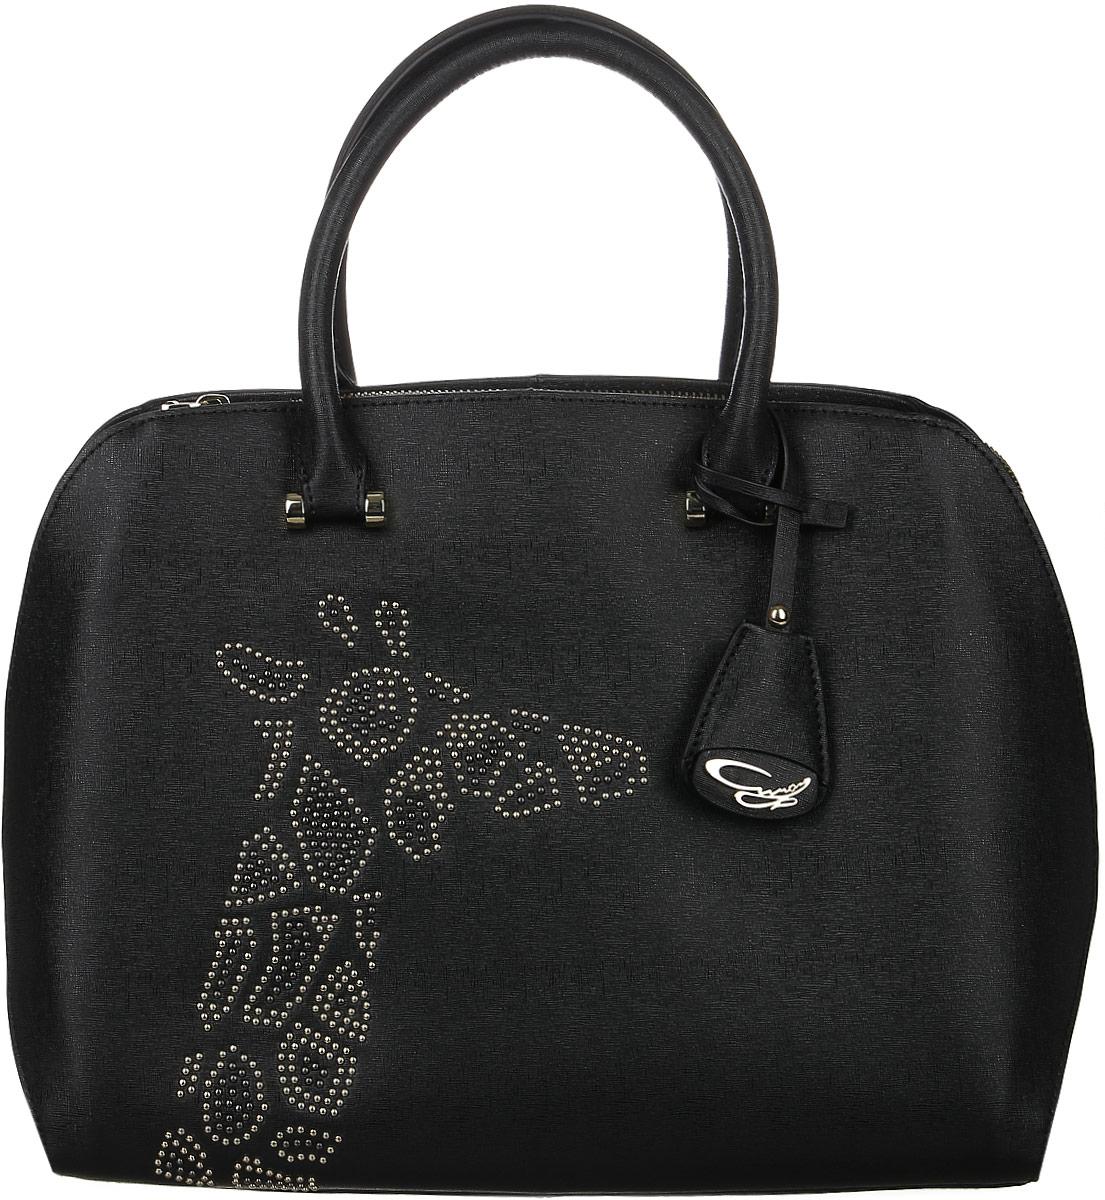 Сумка жен Curanni Сафари, цвет: черный. 203171069с-2Элегантная сумка итальянского бренда Curanni, сделана из натуральной кожи. Такая модель превосходно дополнит любой деловой образ, и также может стать превосходным дополнением образа на прогулке или в клубе. Благодаря хорошей вместительности будет очень удобна для повседневного использования, что по достоинству оценит любая девушка. Внутри: Два кармана, один из которых на потайной молнии, подойдет для документов или мелочей, другие два кармана без молнии также подойдут для мелочей или мобильного телефона. Внутри сумки два отдела разделенные карманом на молнии. Снаружи: Один карман на тыльной стороне сумки на молнии. Дополнена длинным ремнем.